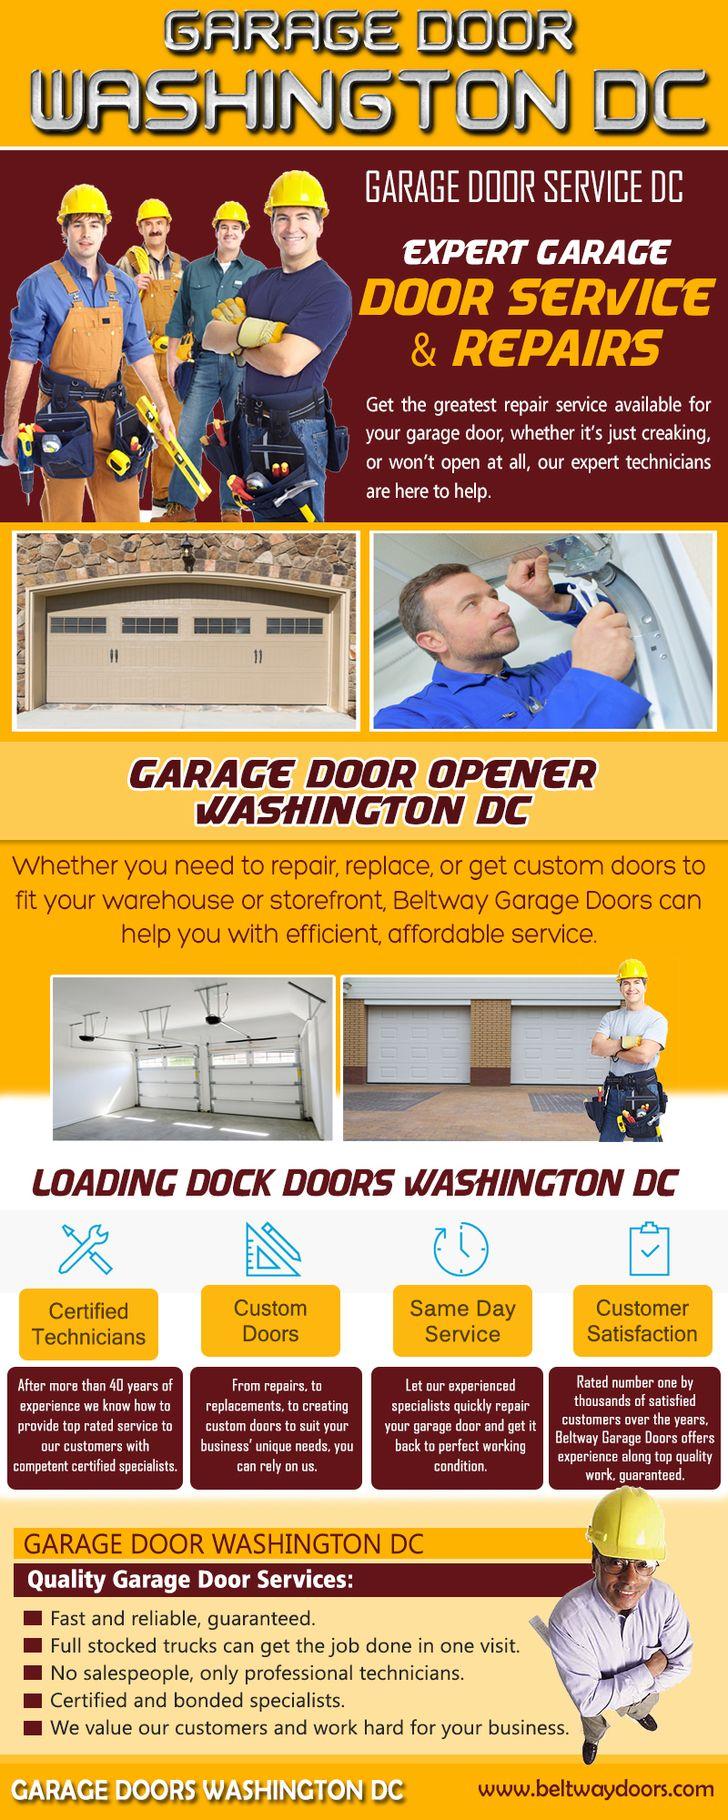 Garage Doors Washington Dc Garage Door Company Washington Dc